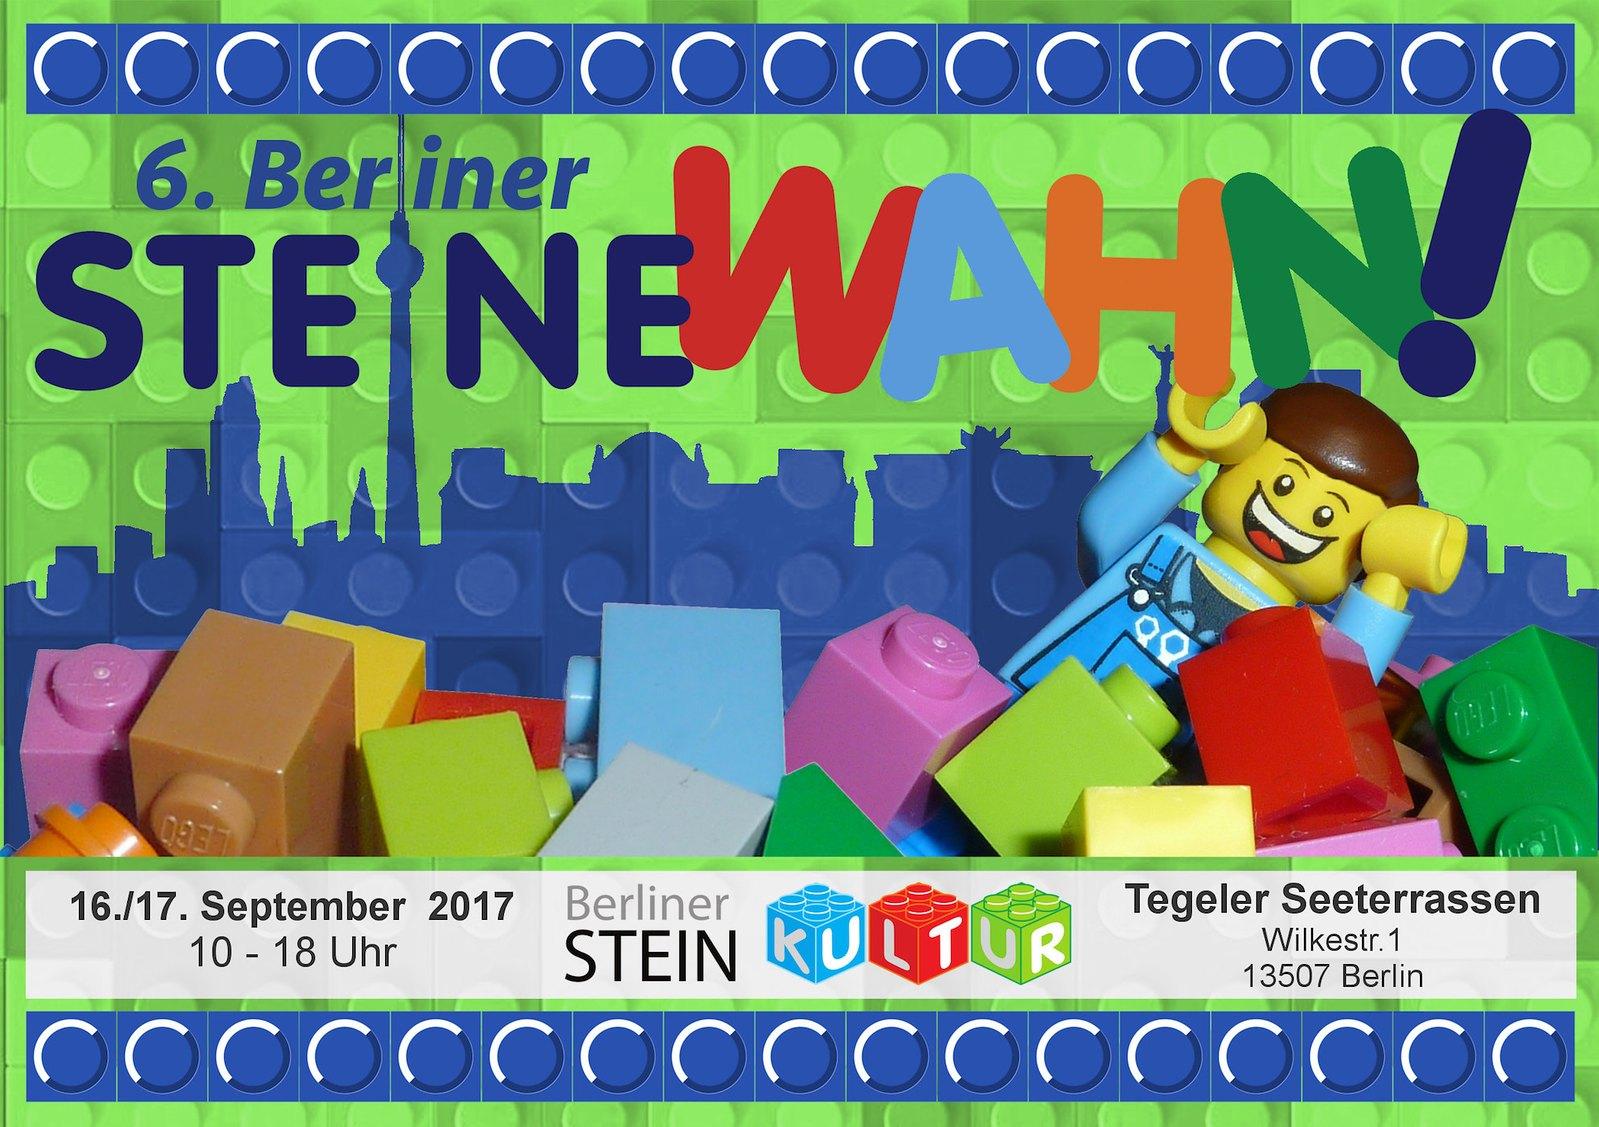 SteineWAHN 2017